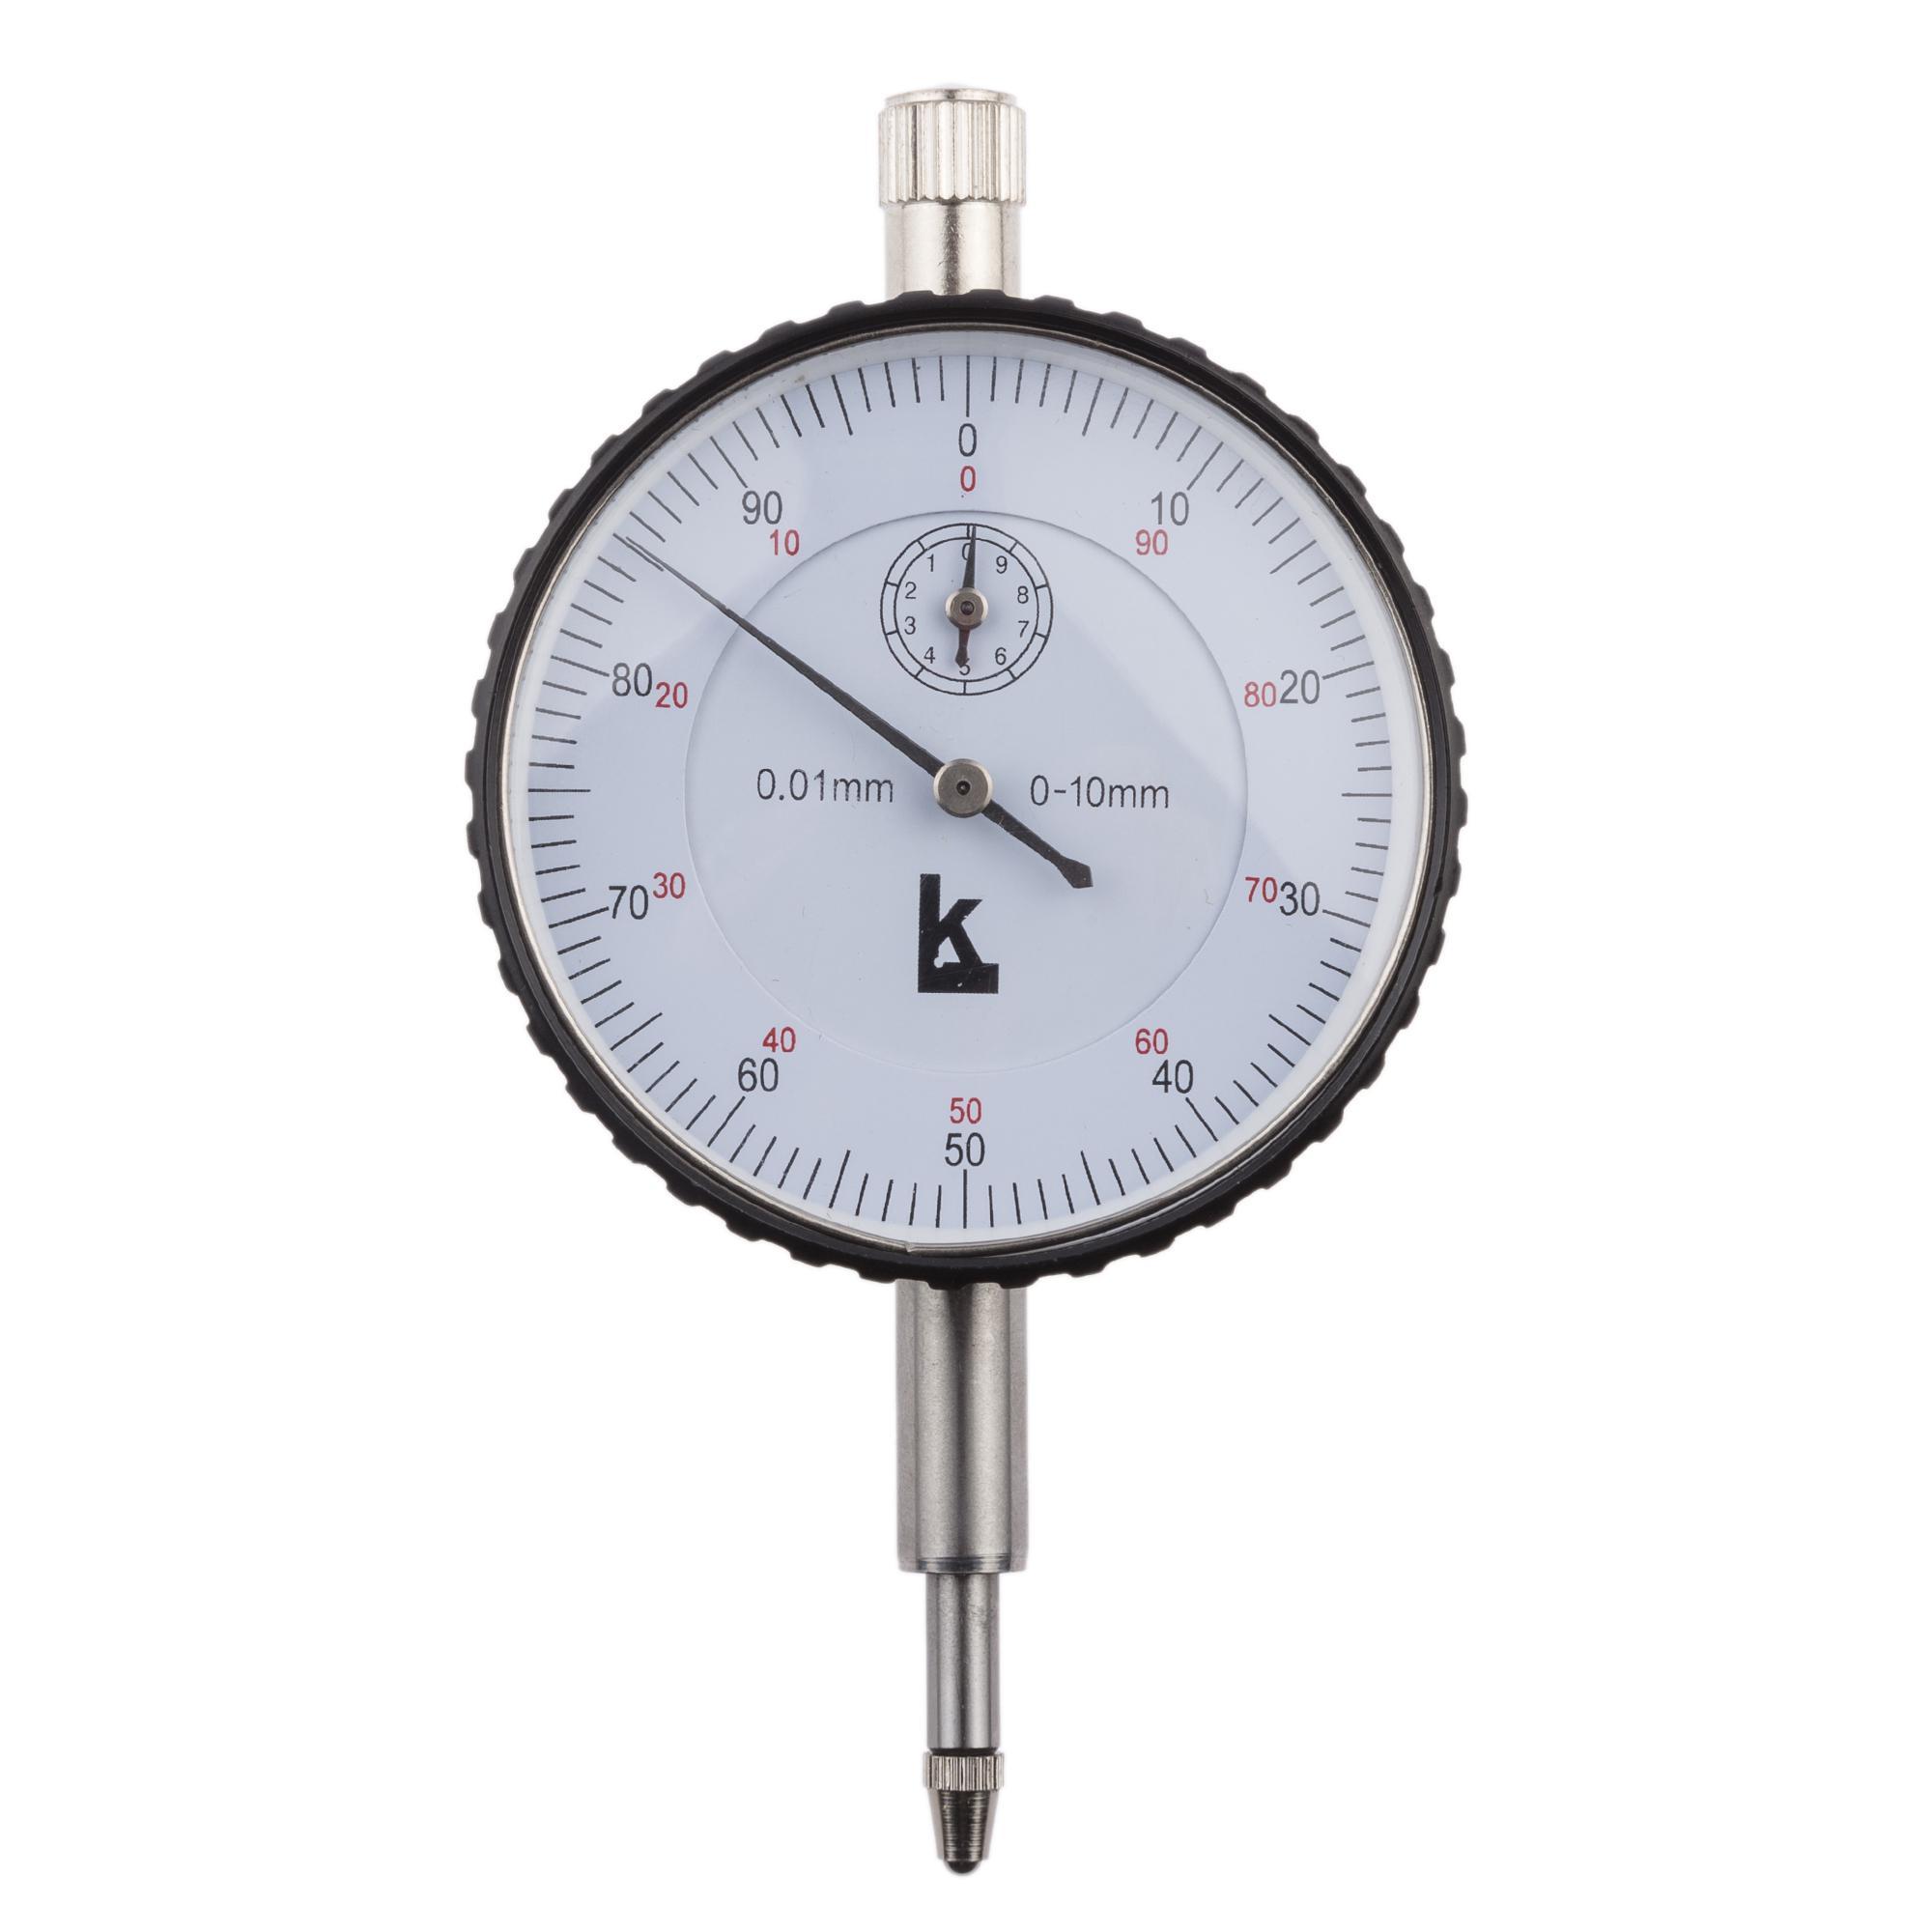 Индикатор КАЛИБРОН часового типа ИЧ 0-10 0.01 кл.1